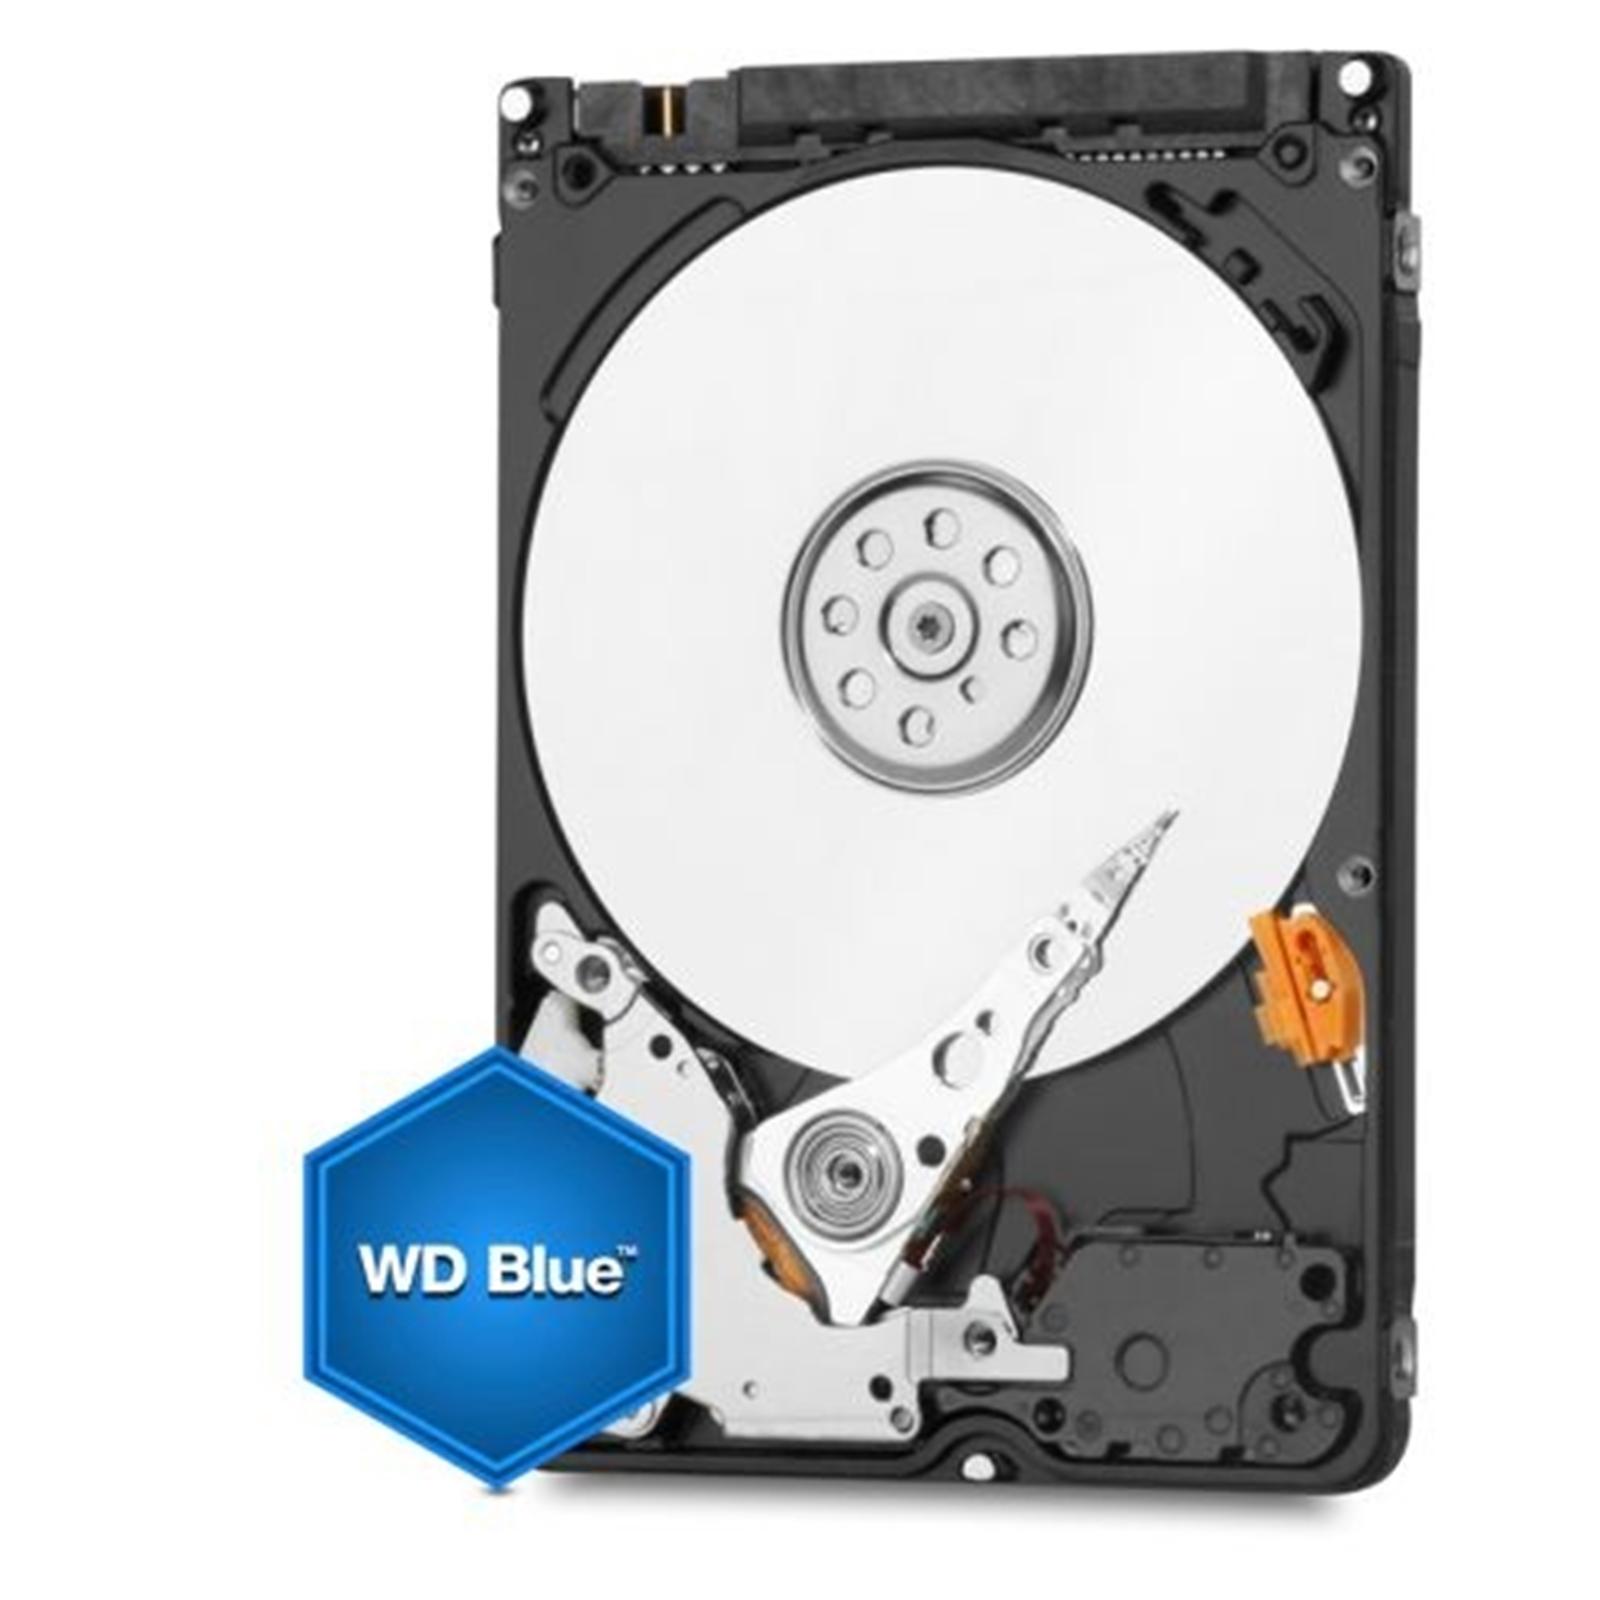 Wd Blue 500gb 35 5400rpm Sata Iii Int Hard Drive Serversplus Hardisk Internal Pc Drives Ssd